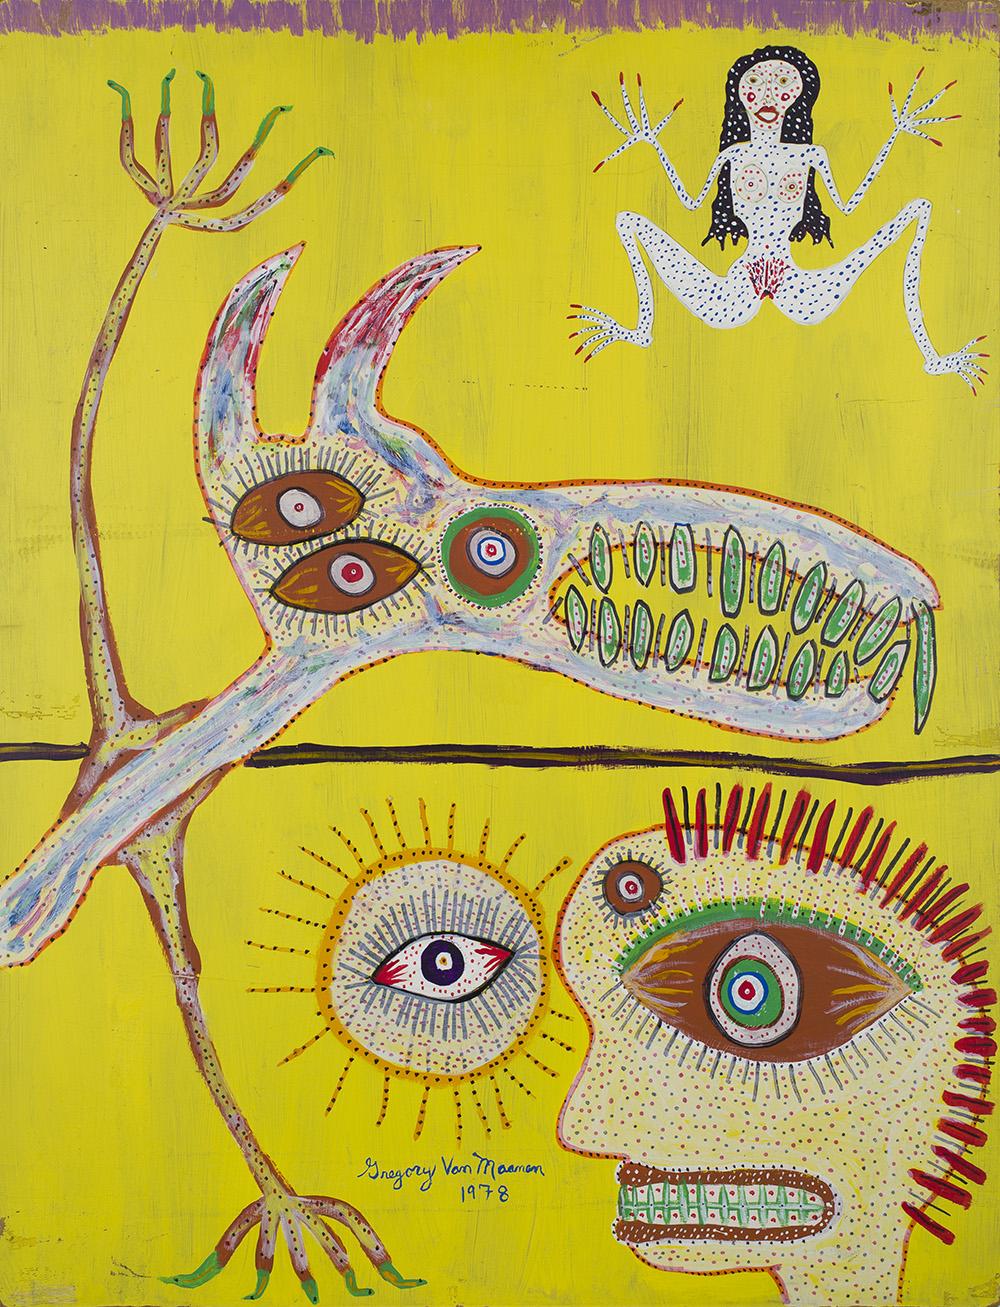 Gregory Van Maanen    Untitled (Splayed Figure on Yellow)  , 1978 Acrylic on board 28.5 x 22 inches 72.4 x 55.9 cm GVM 128